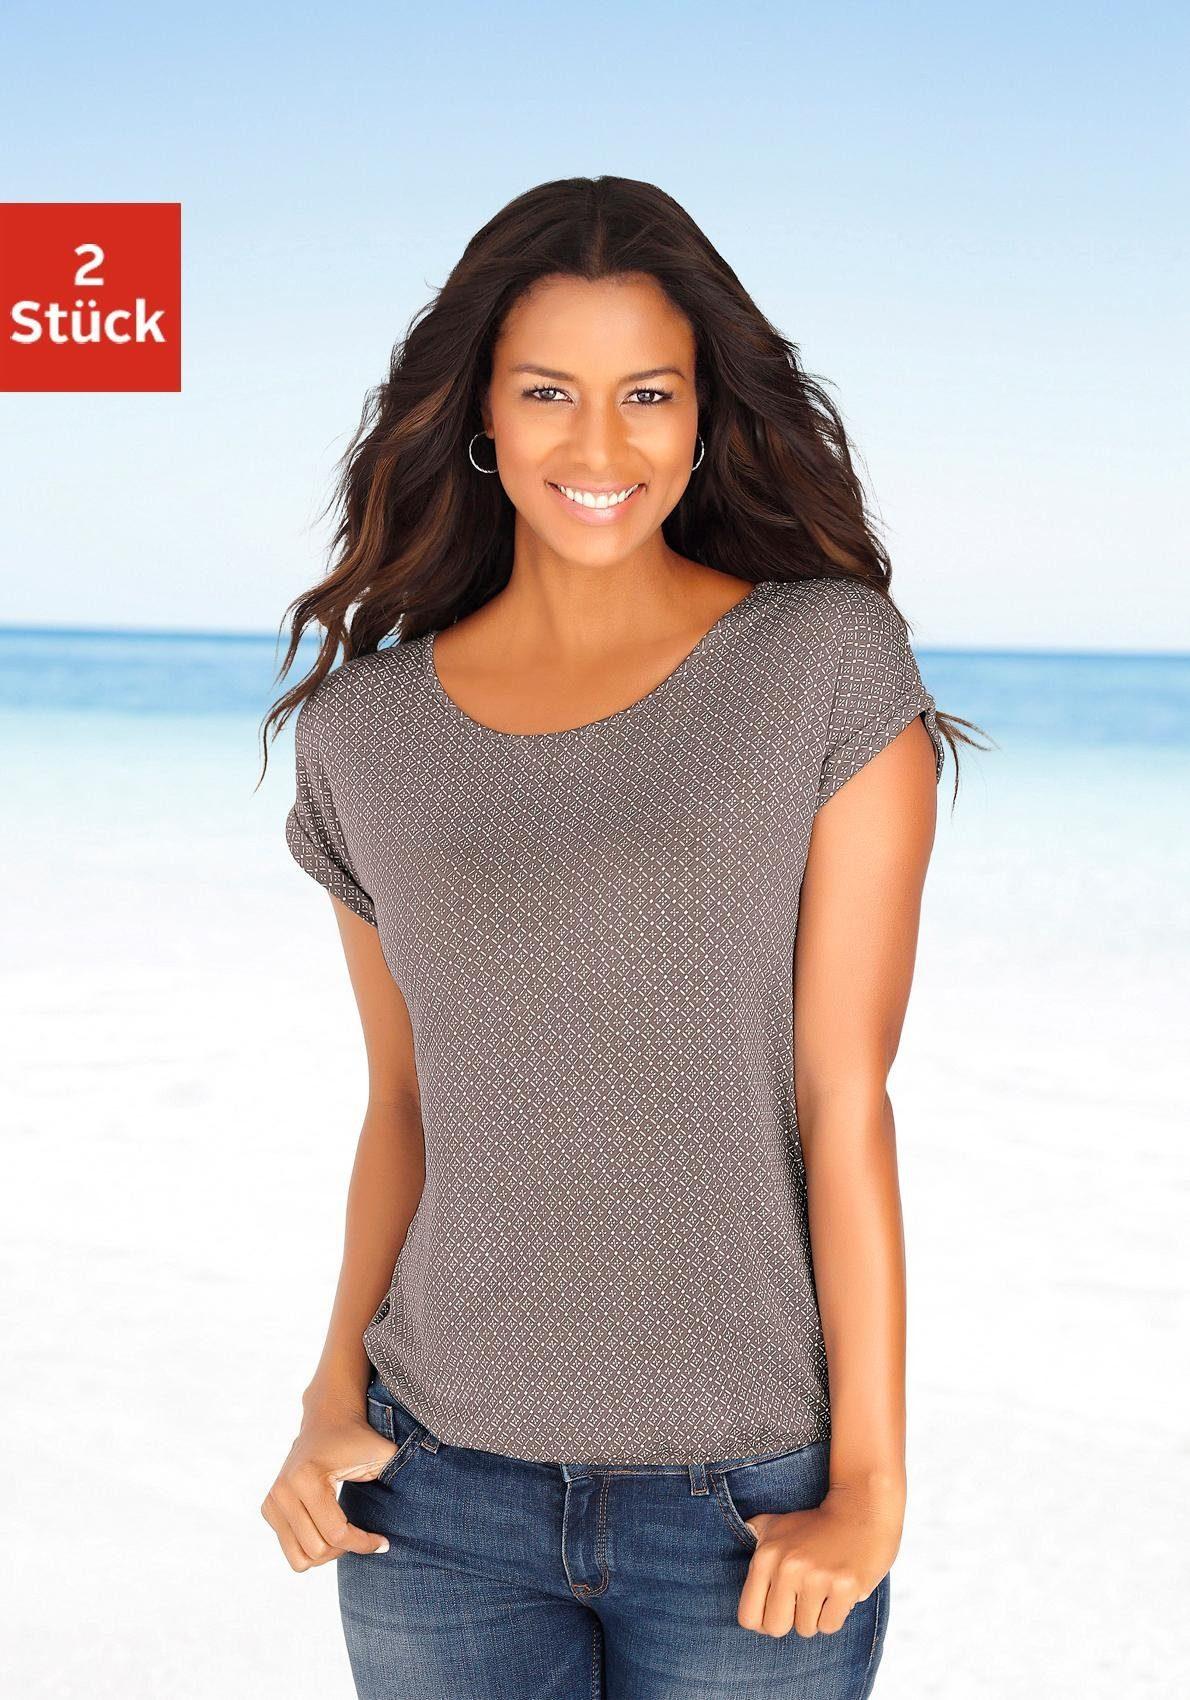 Damen T-Shirts (2 Stück) mit Cut-out im Nacken, schwarz Lascana